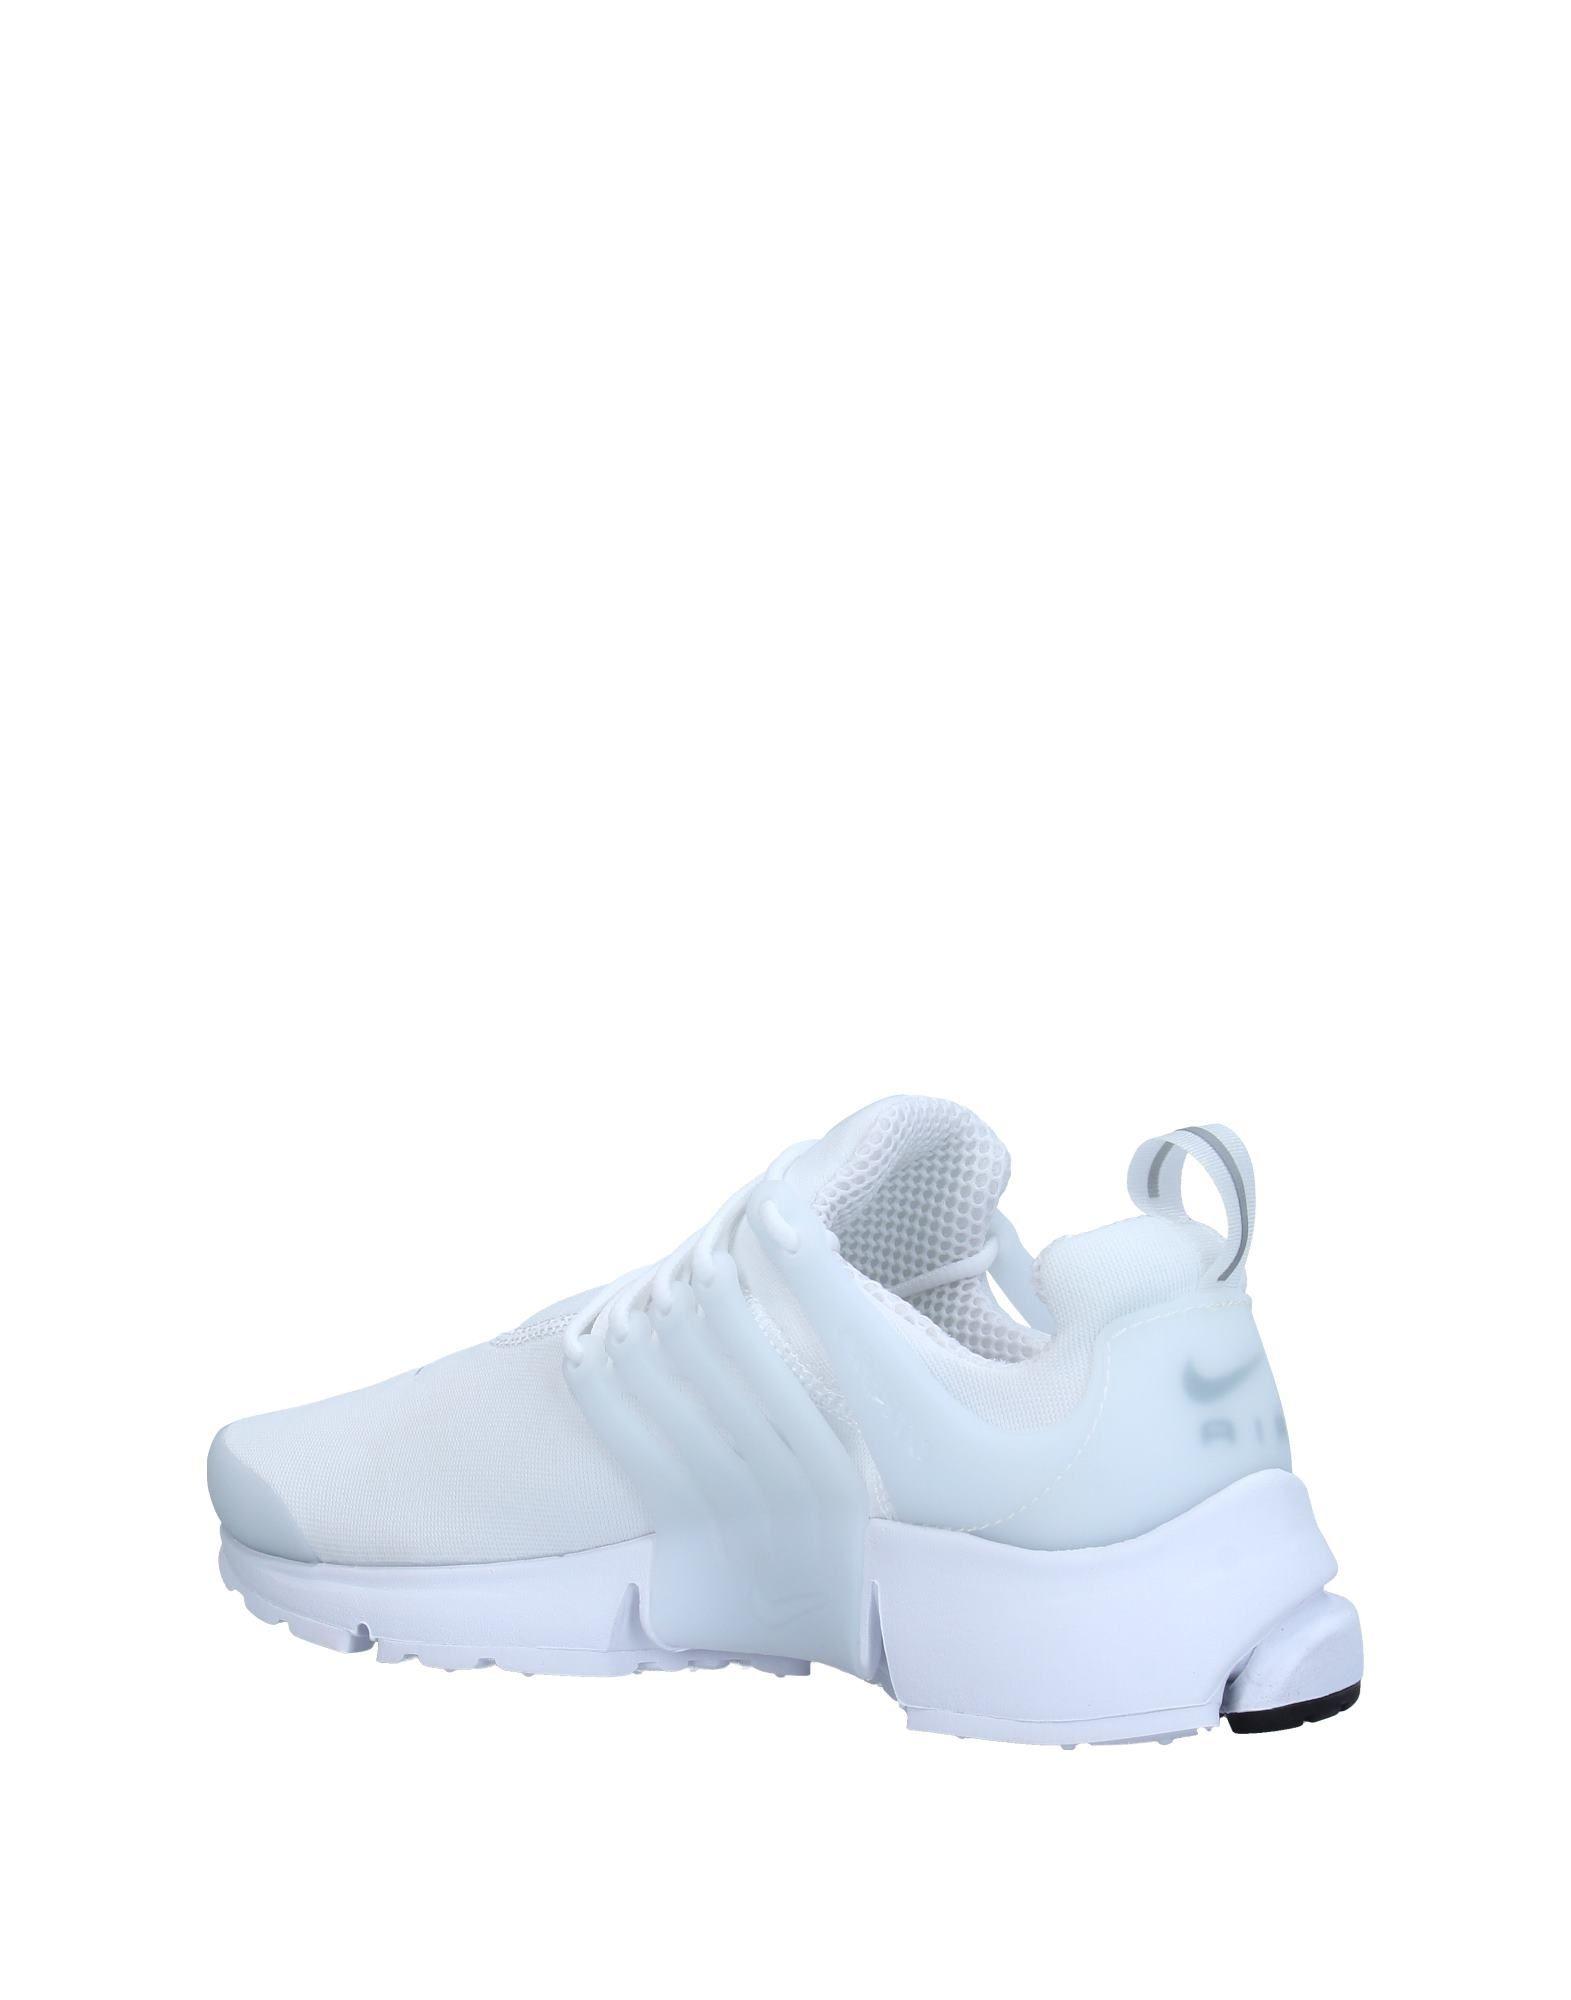 Rabatt echte Schuhe Nike Sneakers  Herren  Sneakers 11335596AG f20645